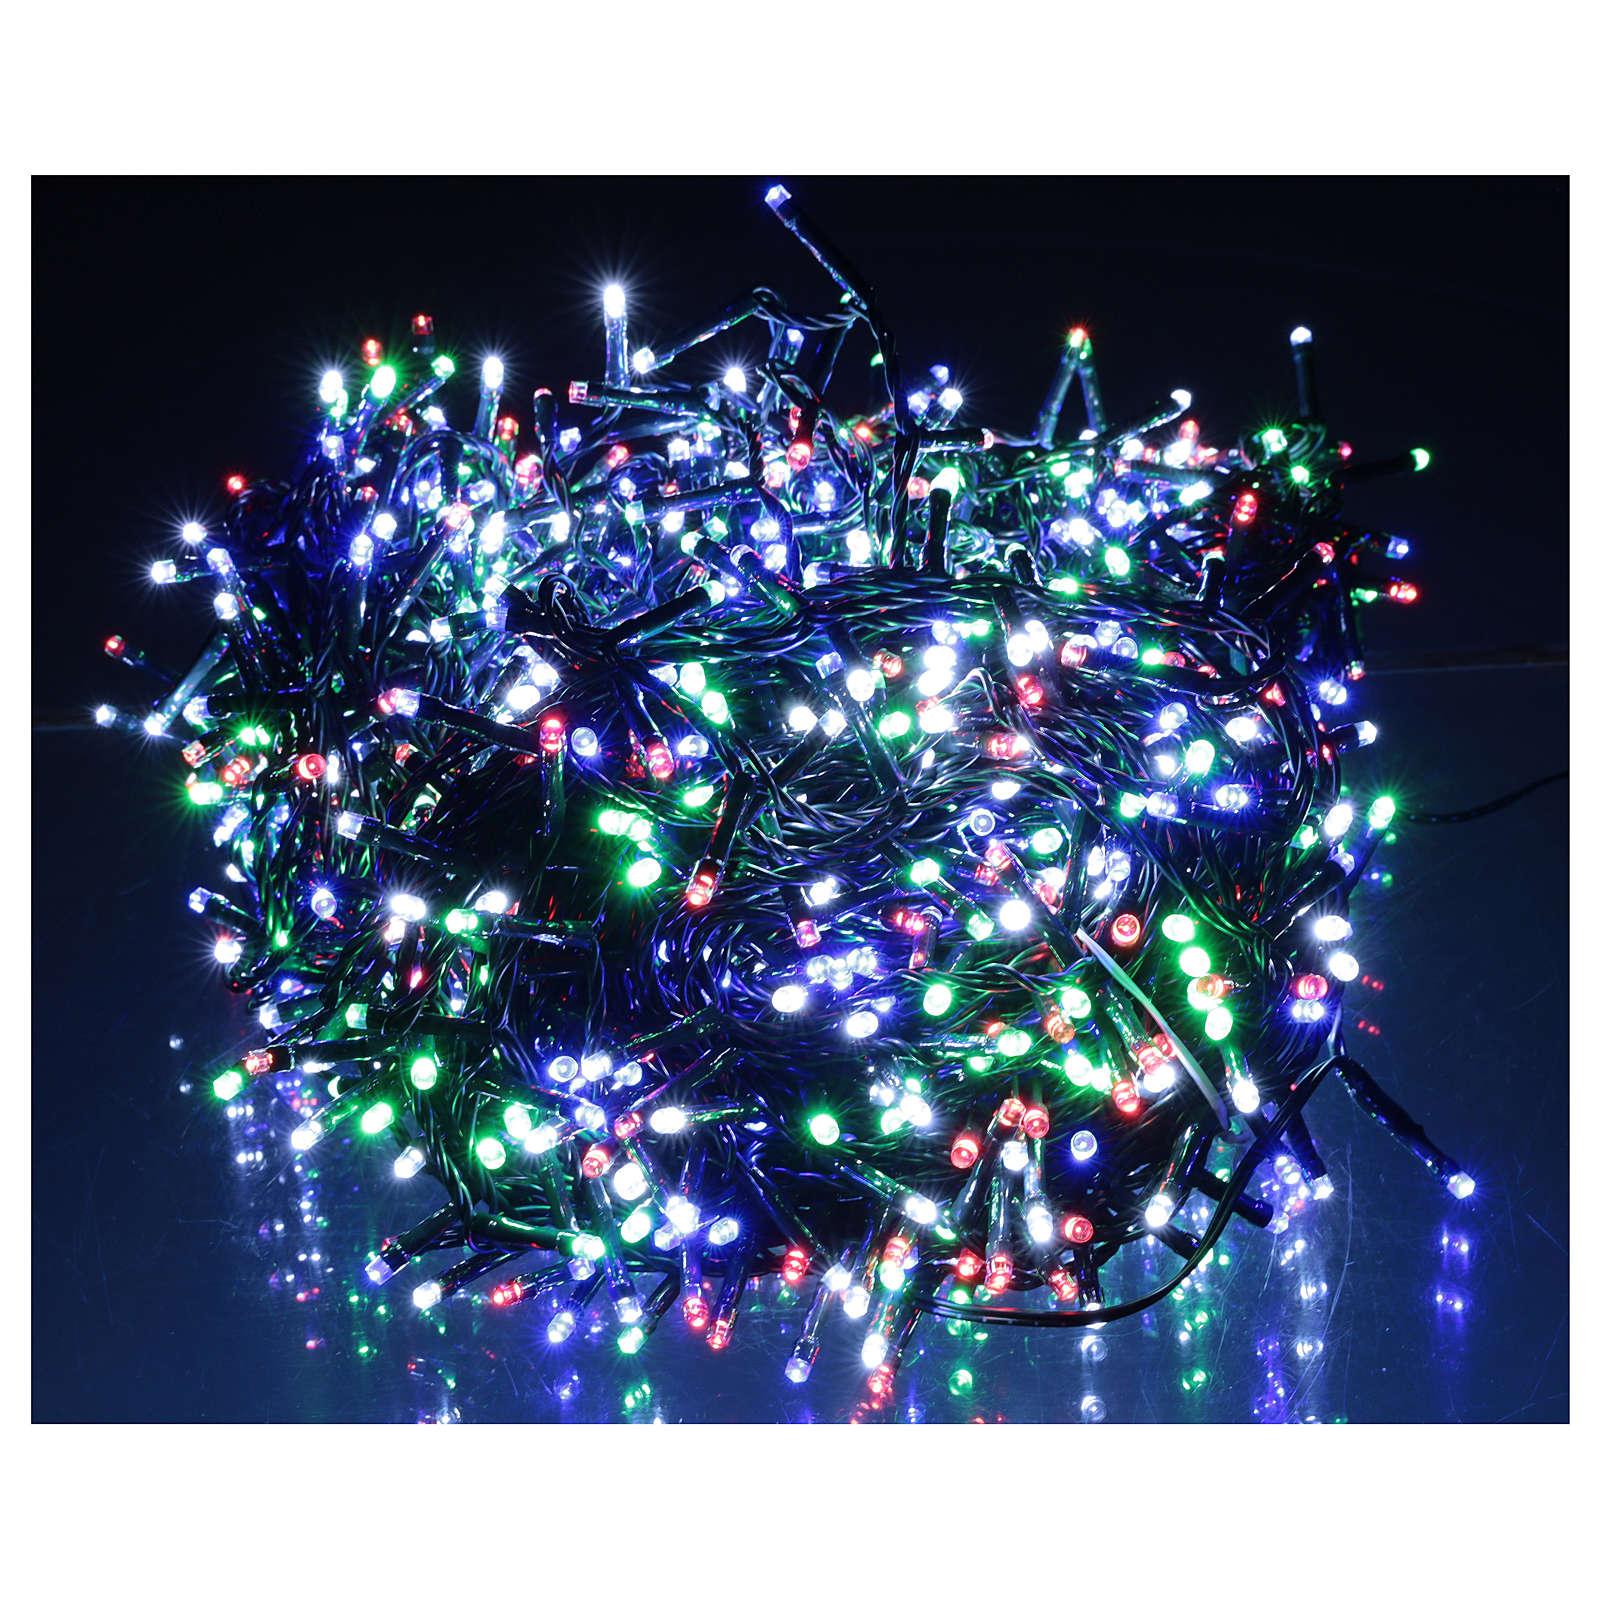 Guirlande lumineuse Noël verte 1200 LED multicolores interrupteur pour extérieur 220V 3